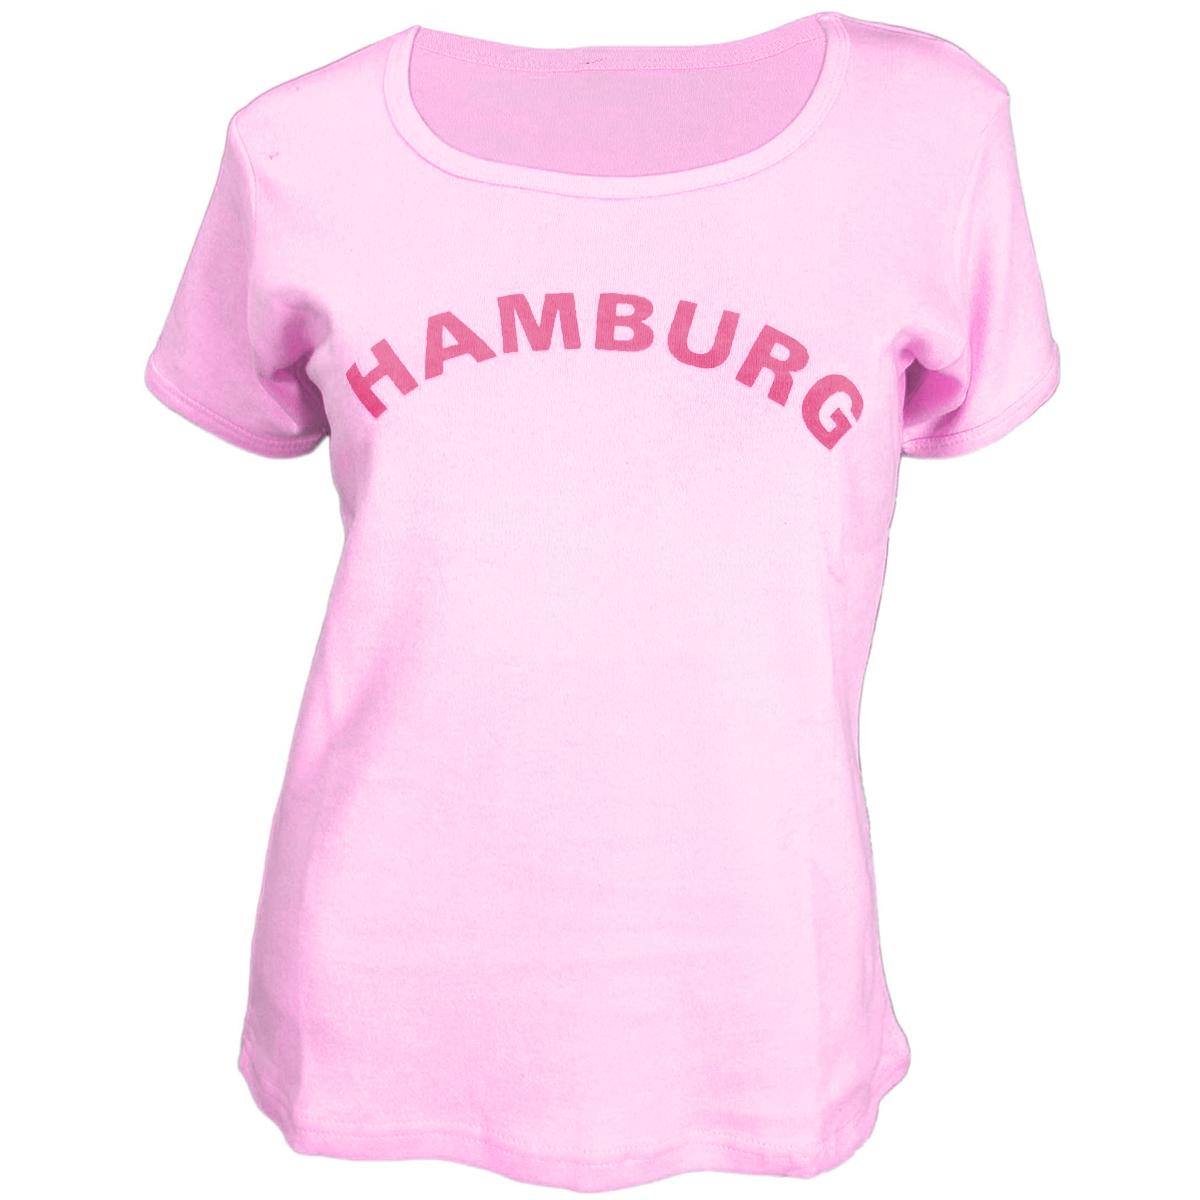 6b8fab0a812 T-Shirts   Tops